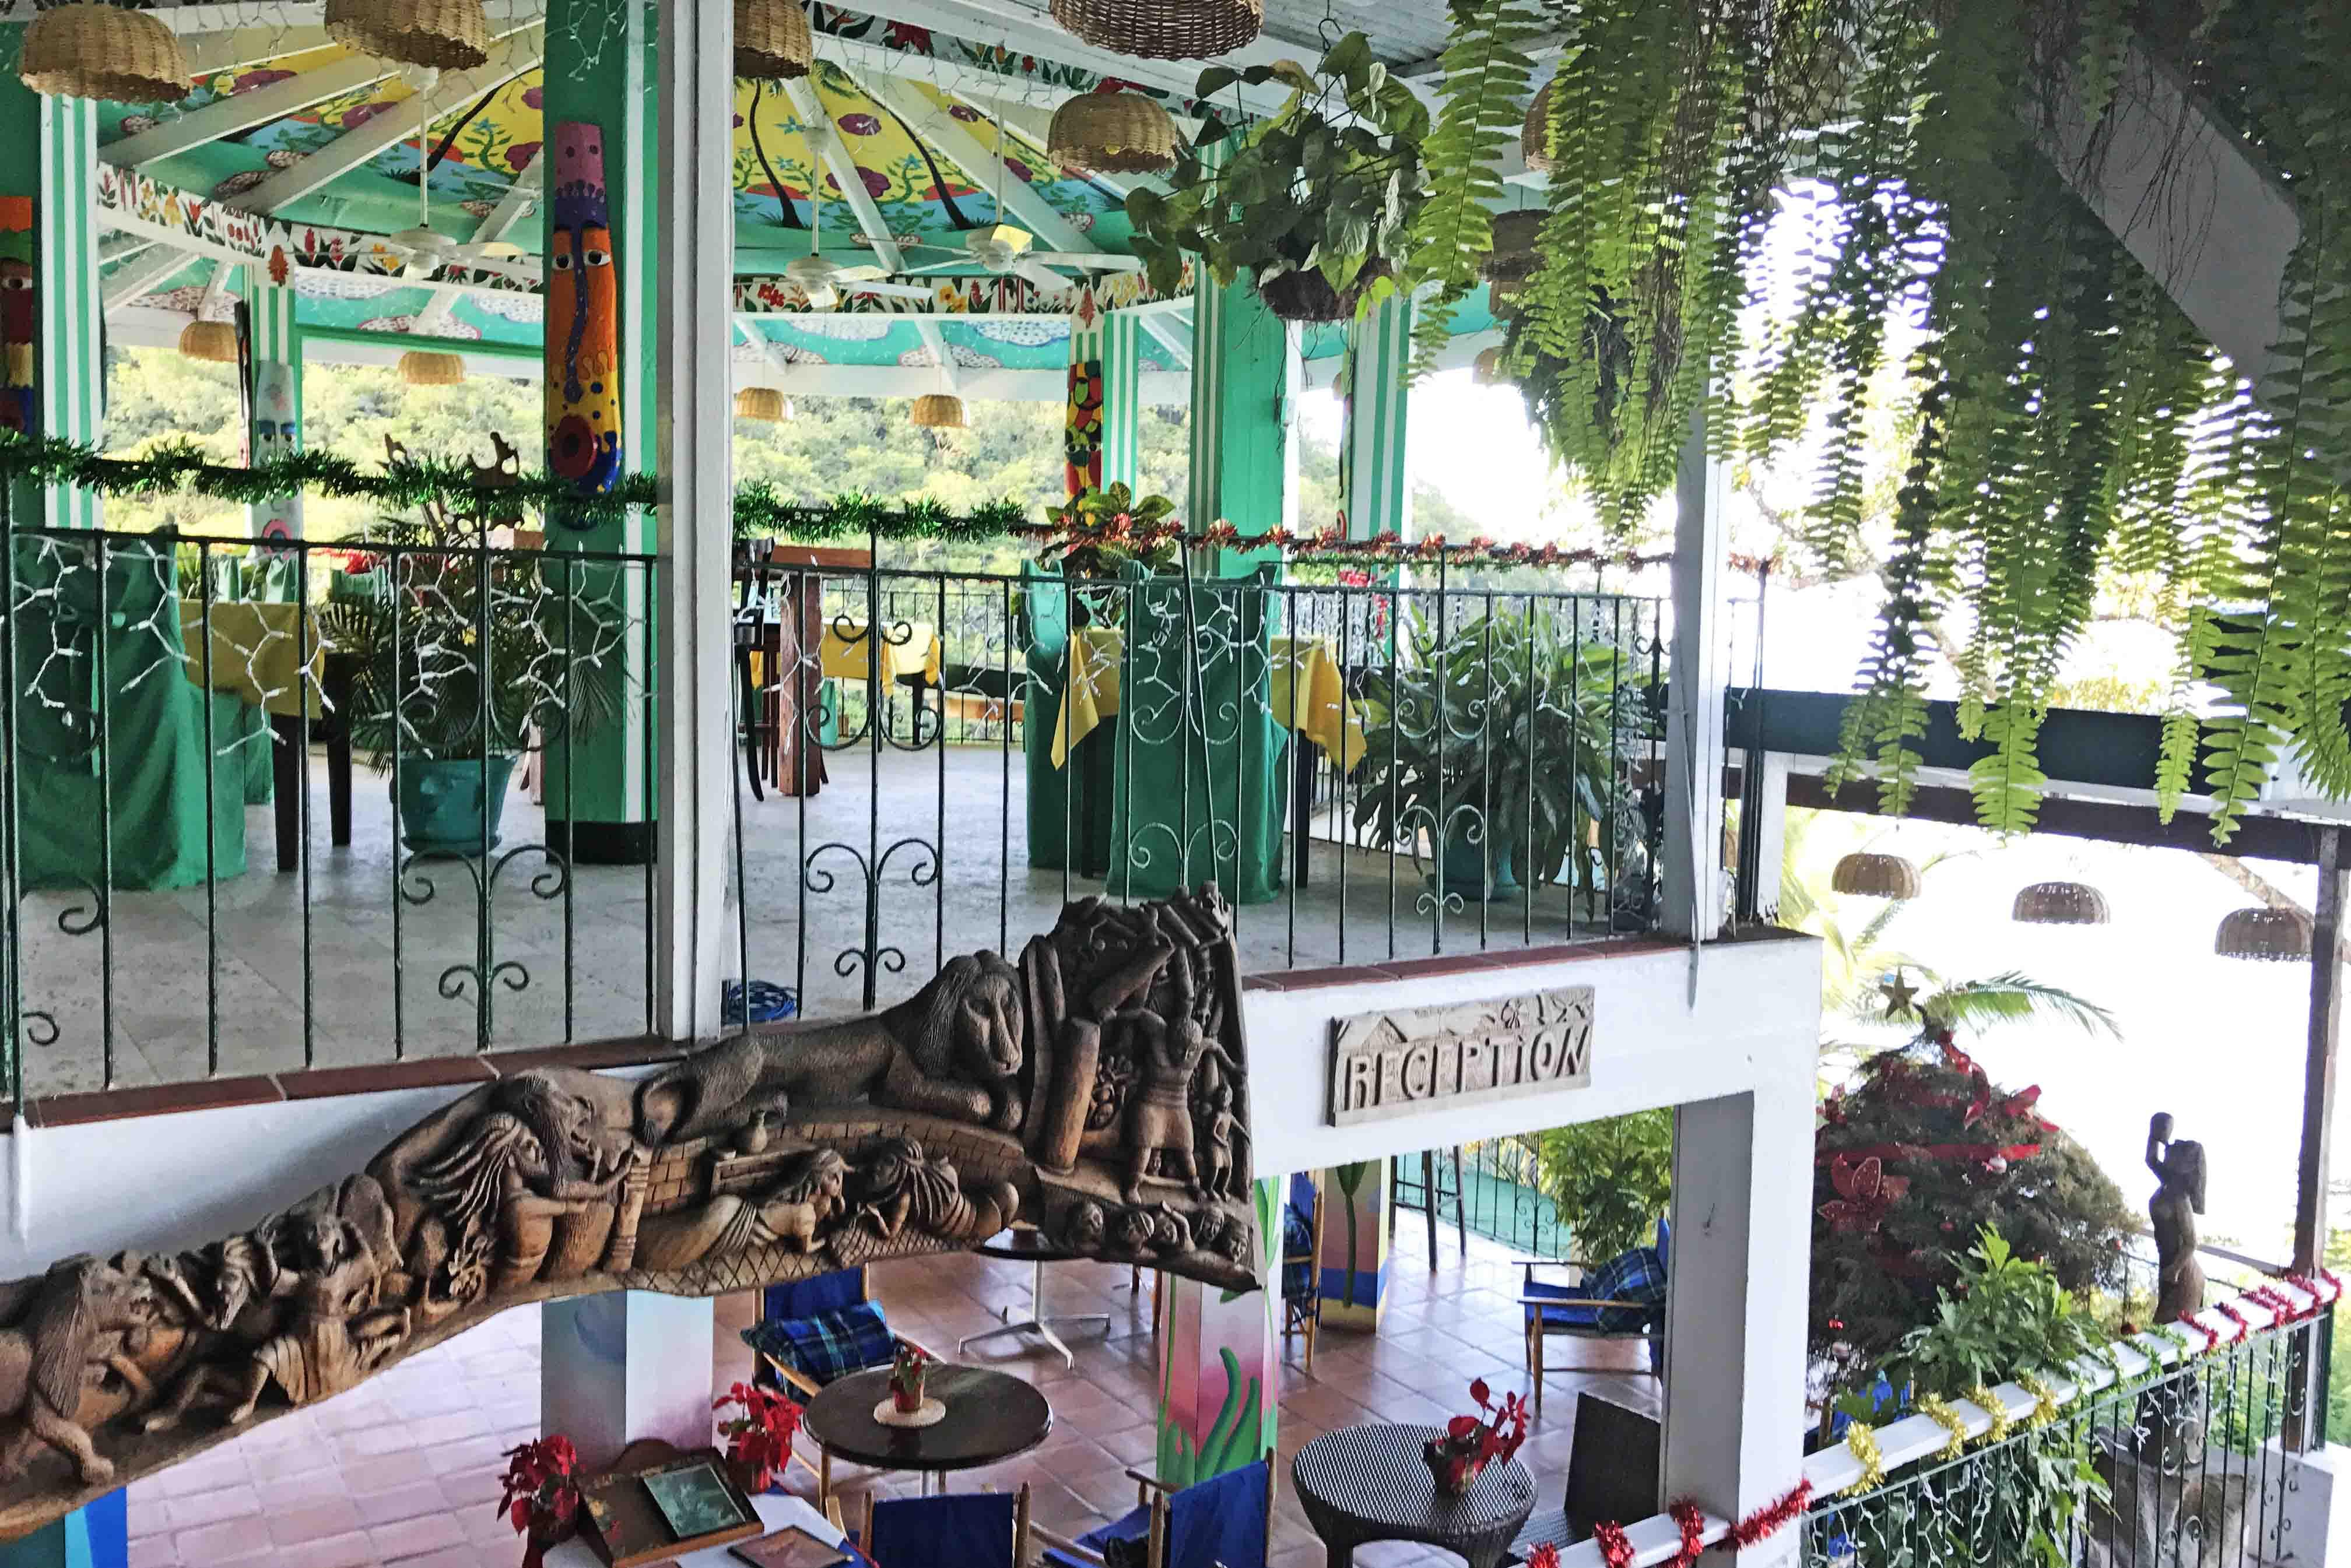 Recepção do Anse Chastanet Resort - tudo muito rústico | foto: Lala Rebelo